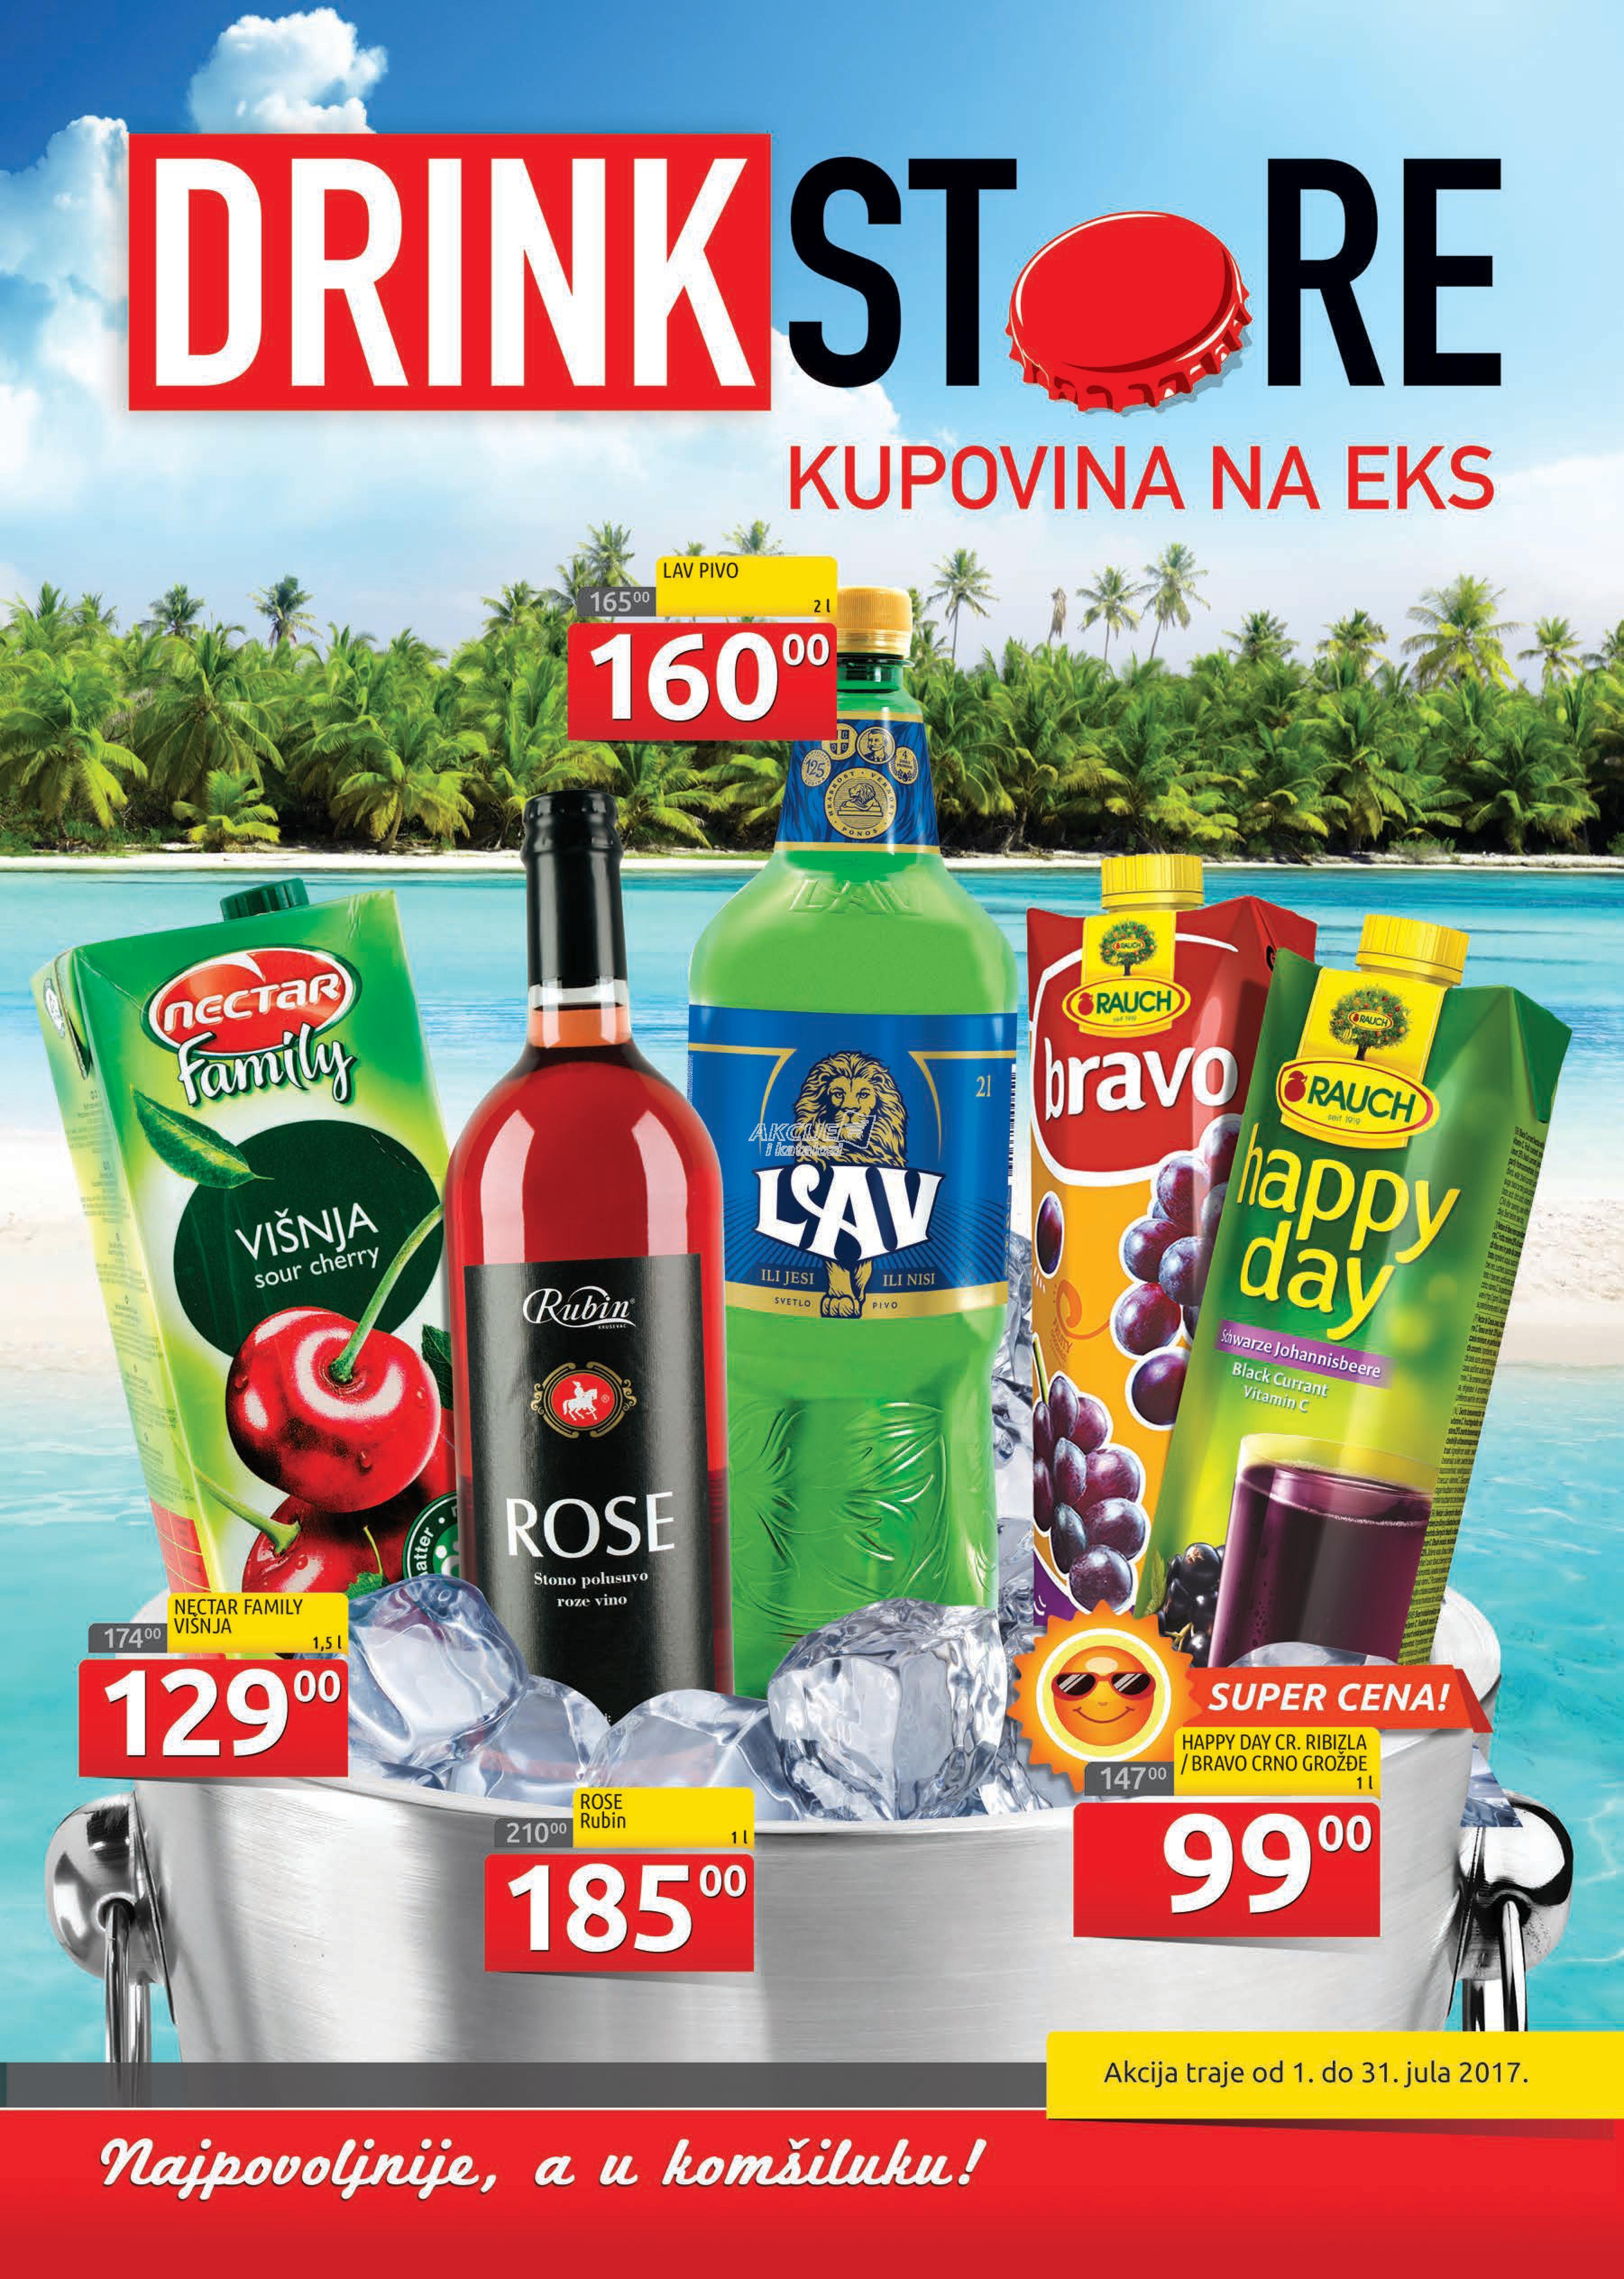 Drinkstore akcija odlične kupovine